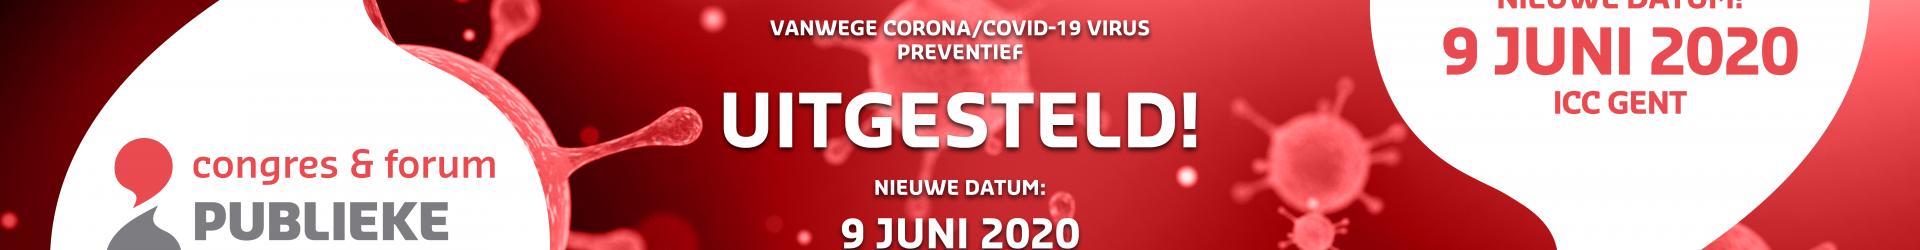 ! Congres wordt verplaatst naar 9 juni 2020 (ICC Gent)